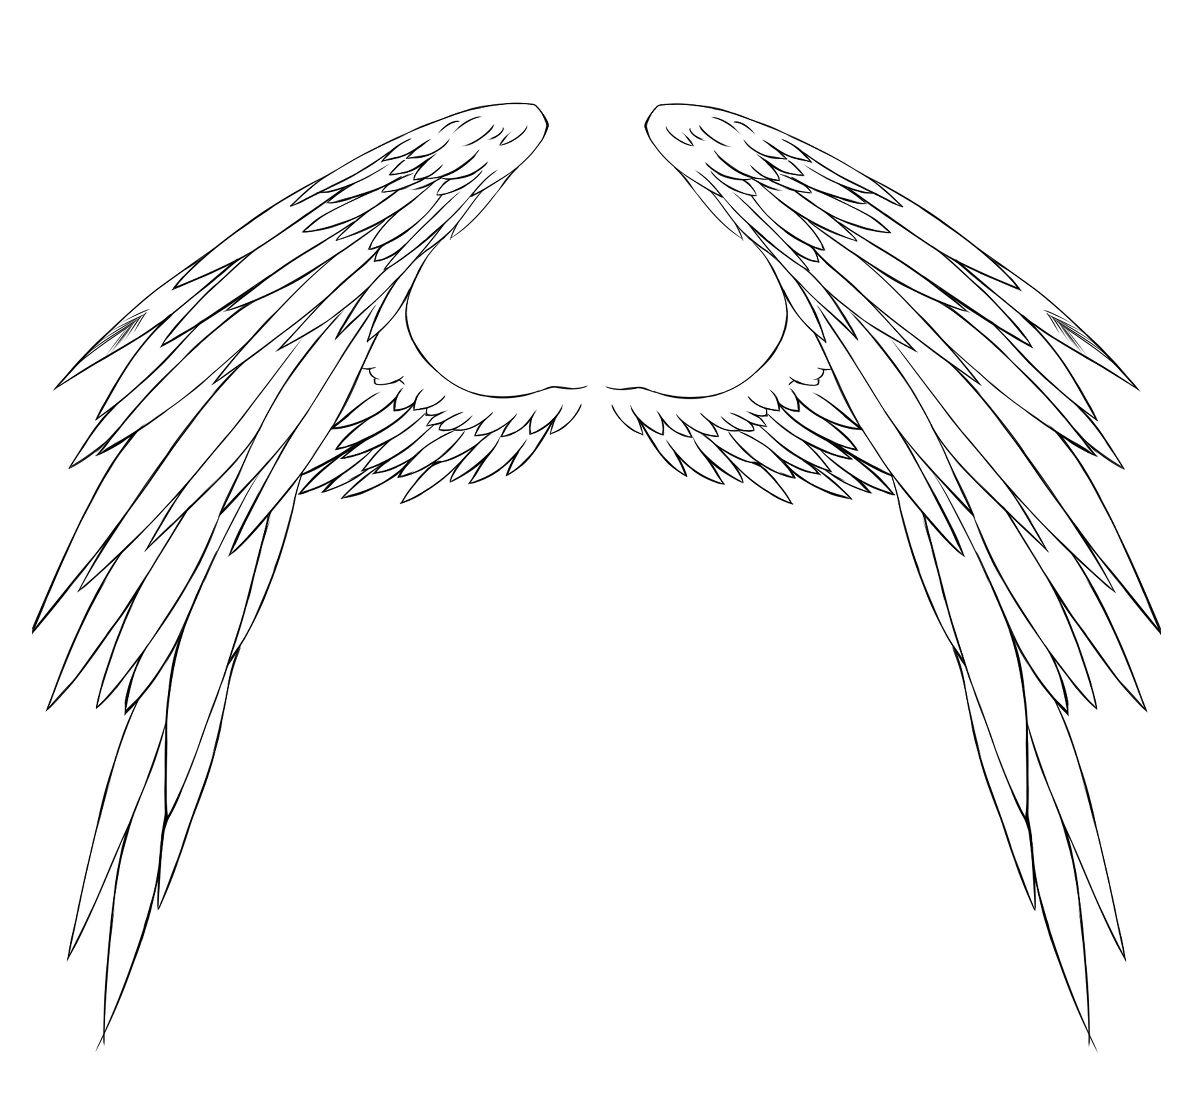 小花仙翅膀的画法分享_小花仙翅膀的画法图片下载